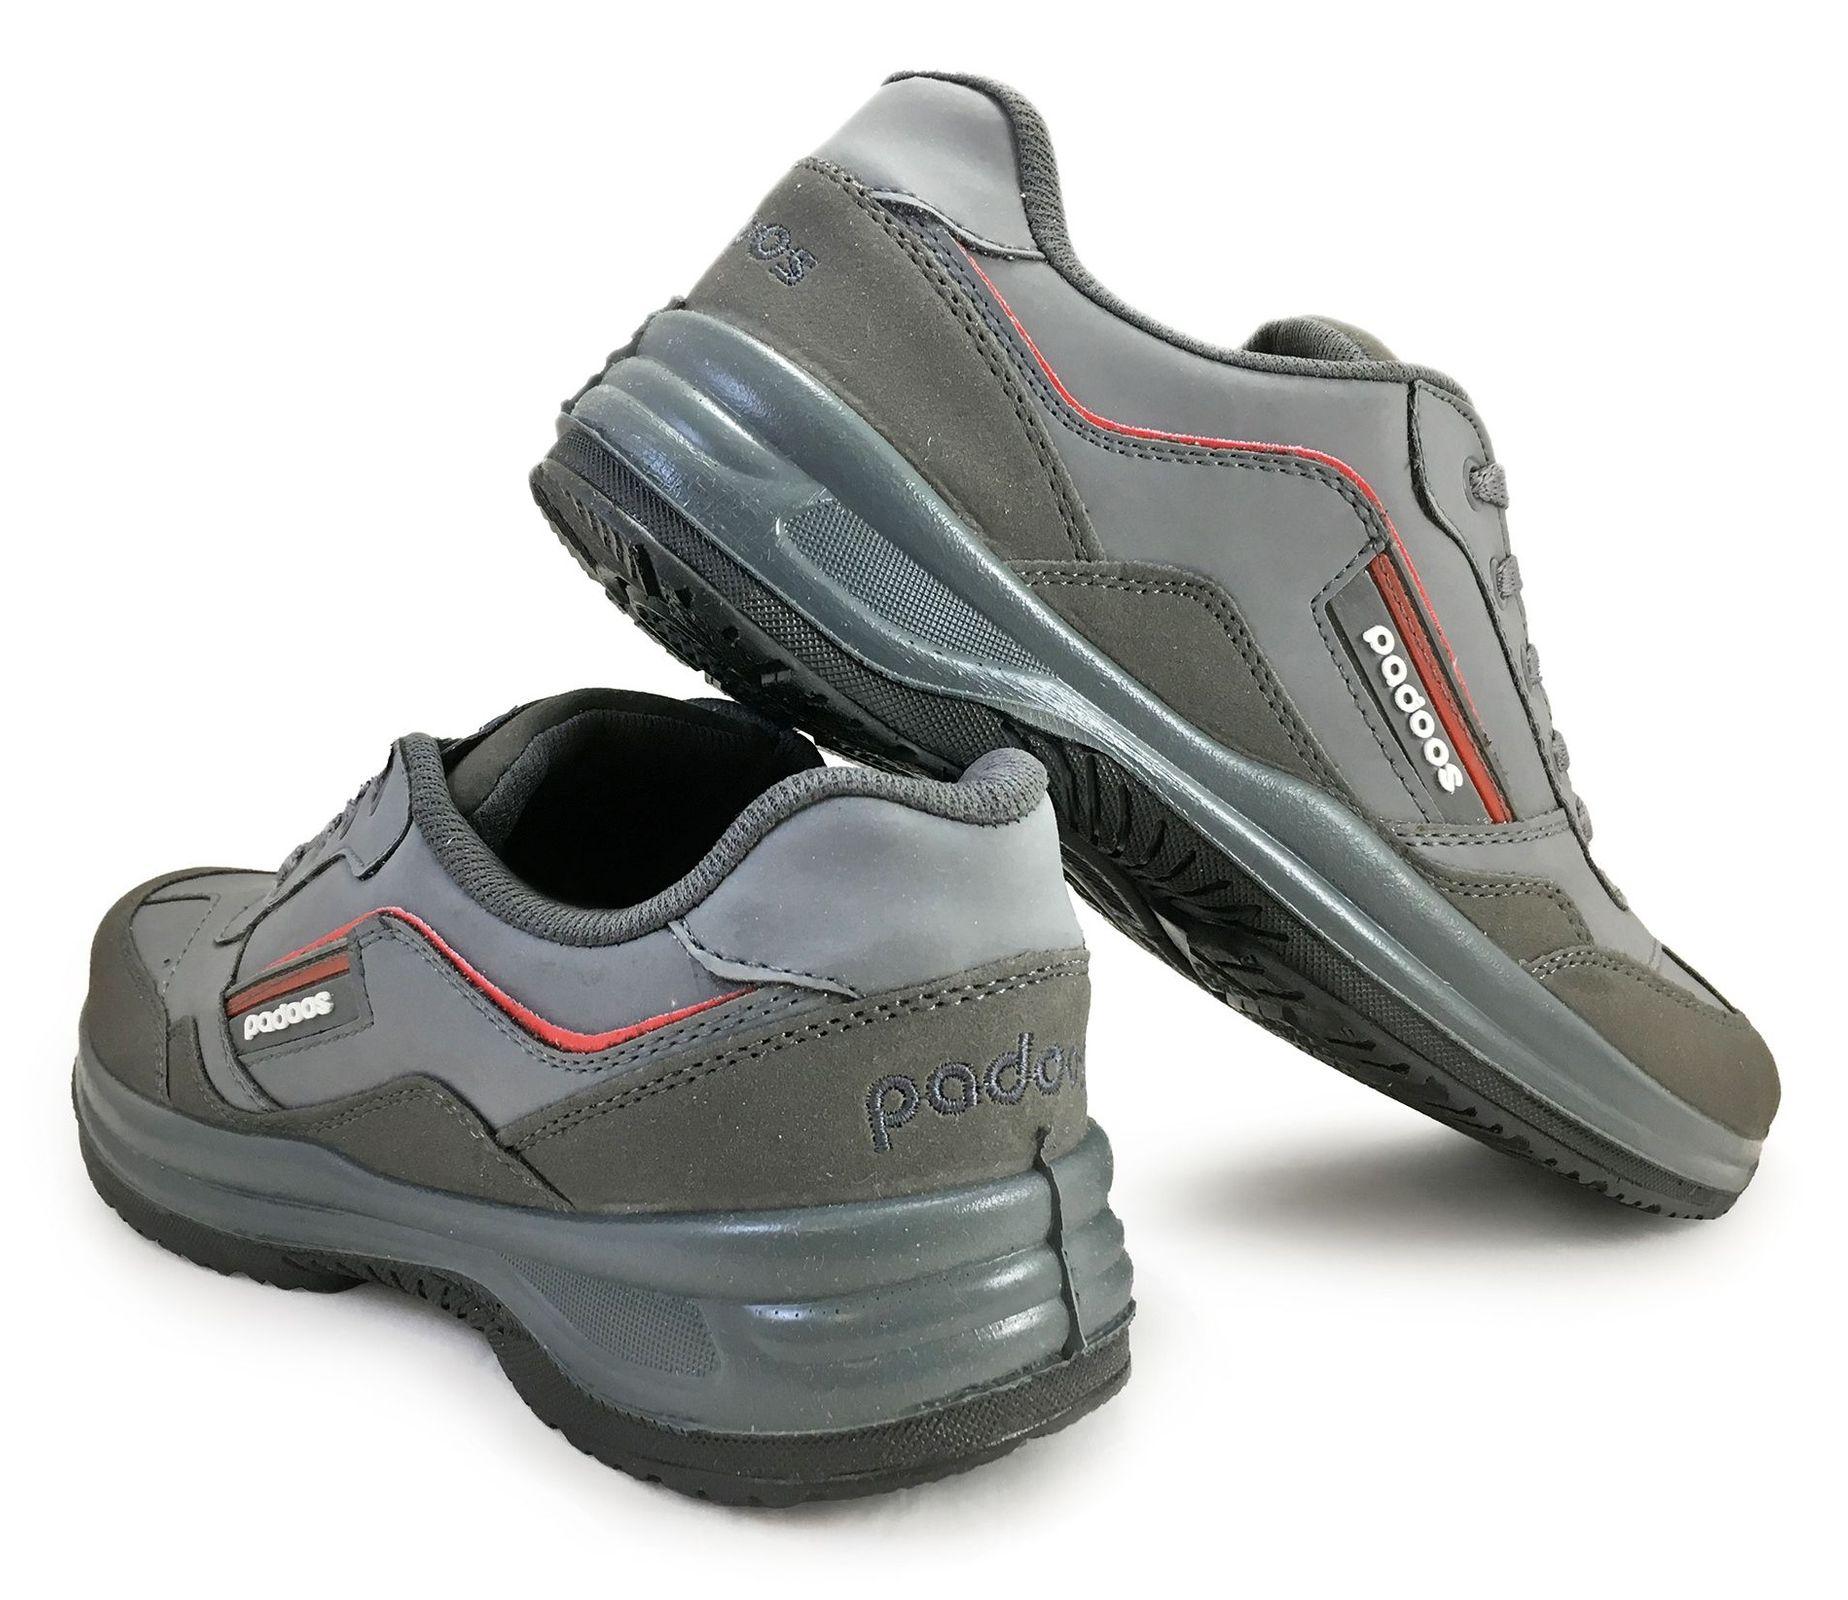 کفش مخصوص پیاده روی مردانه پادوس کد 3683 main 1 7